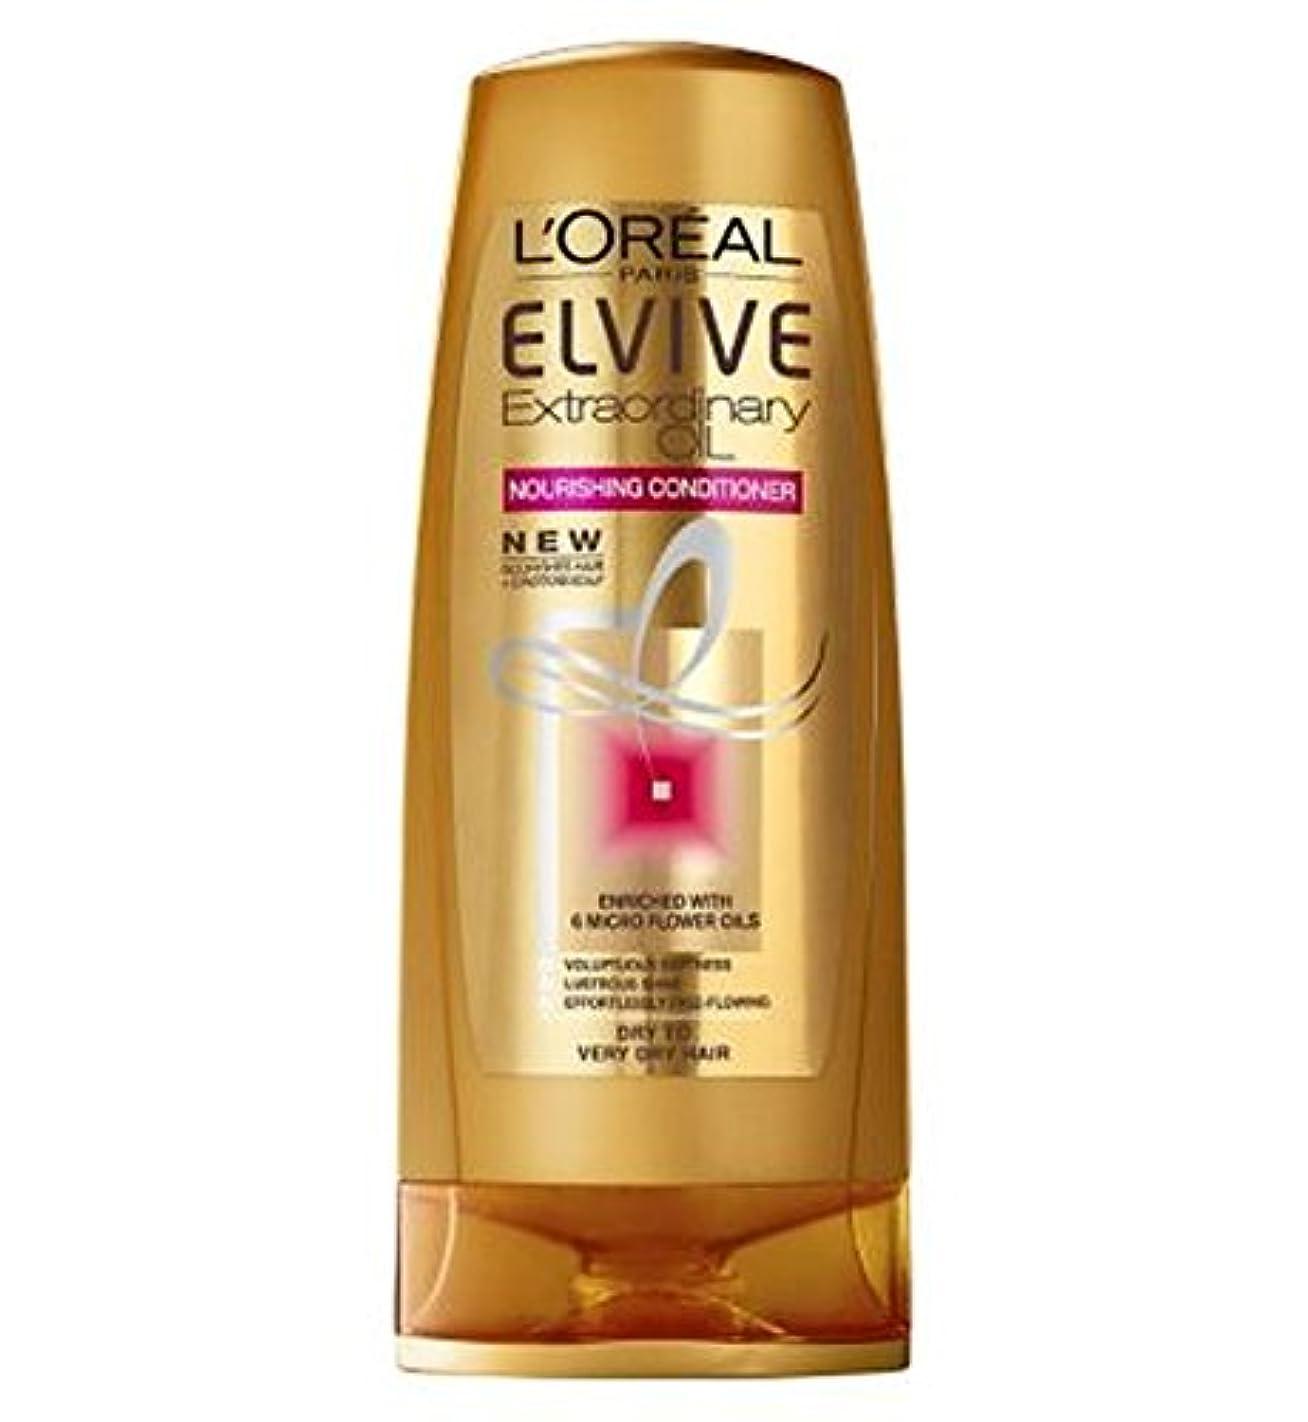 乏しいいじめっ子たくさんのラフヘア250ミリリットルにコンディショナードライ栄養ロレアルElvive臨時油 (L'Oreal) (x2) - L'Oreal Elvive Extraordinary Oils Nourishing Conditioner Dry to Rough Hair 250ml (Pack of 2) [並行輸入品]